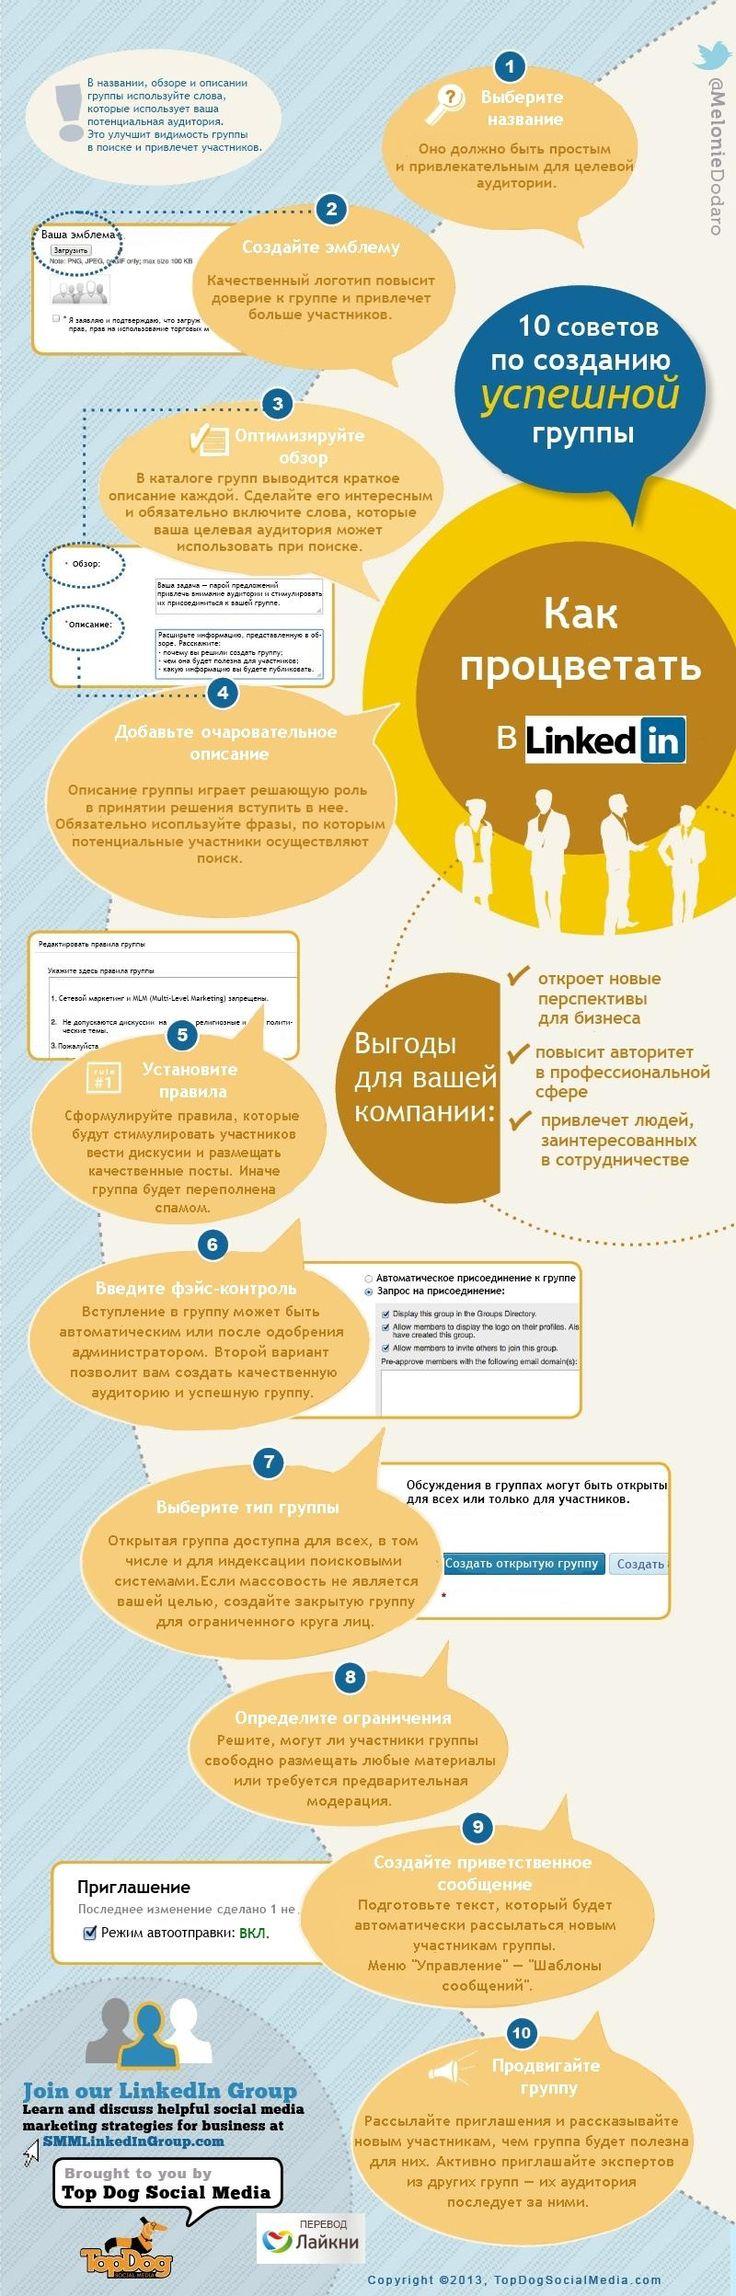 Инфографика от TopDogSocialMedia расскажет, как новичку в социальной сети профессионалов всего за 10 простых шагов создать собственную успешную группу.